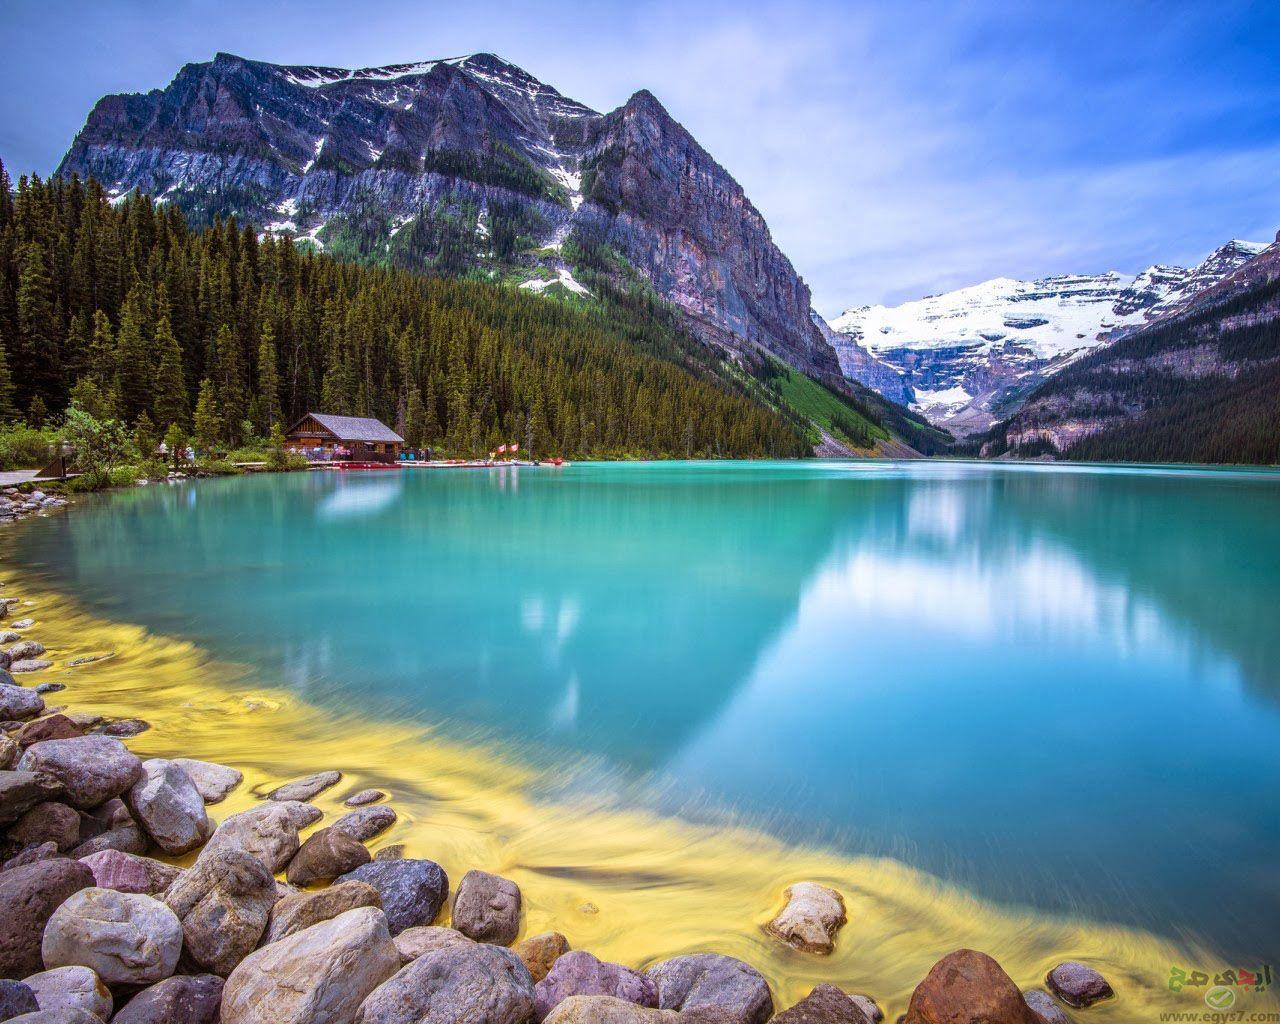 صور مناظر طبيعية خلابة , اجمل مناظر الطبيعة , مناظر طبيعية